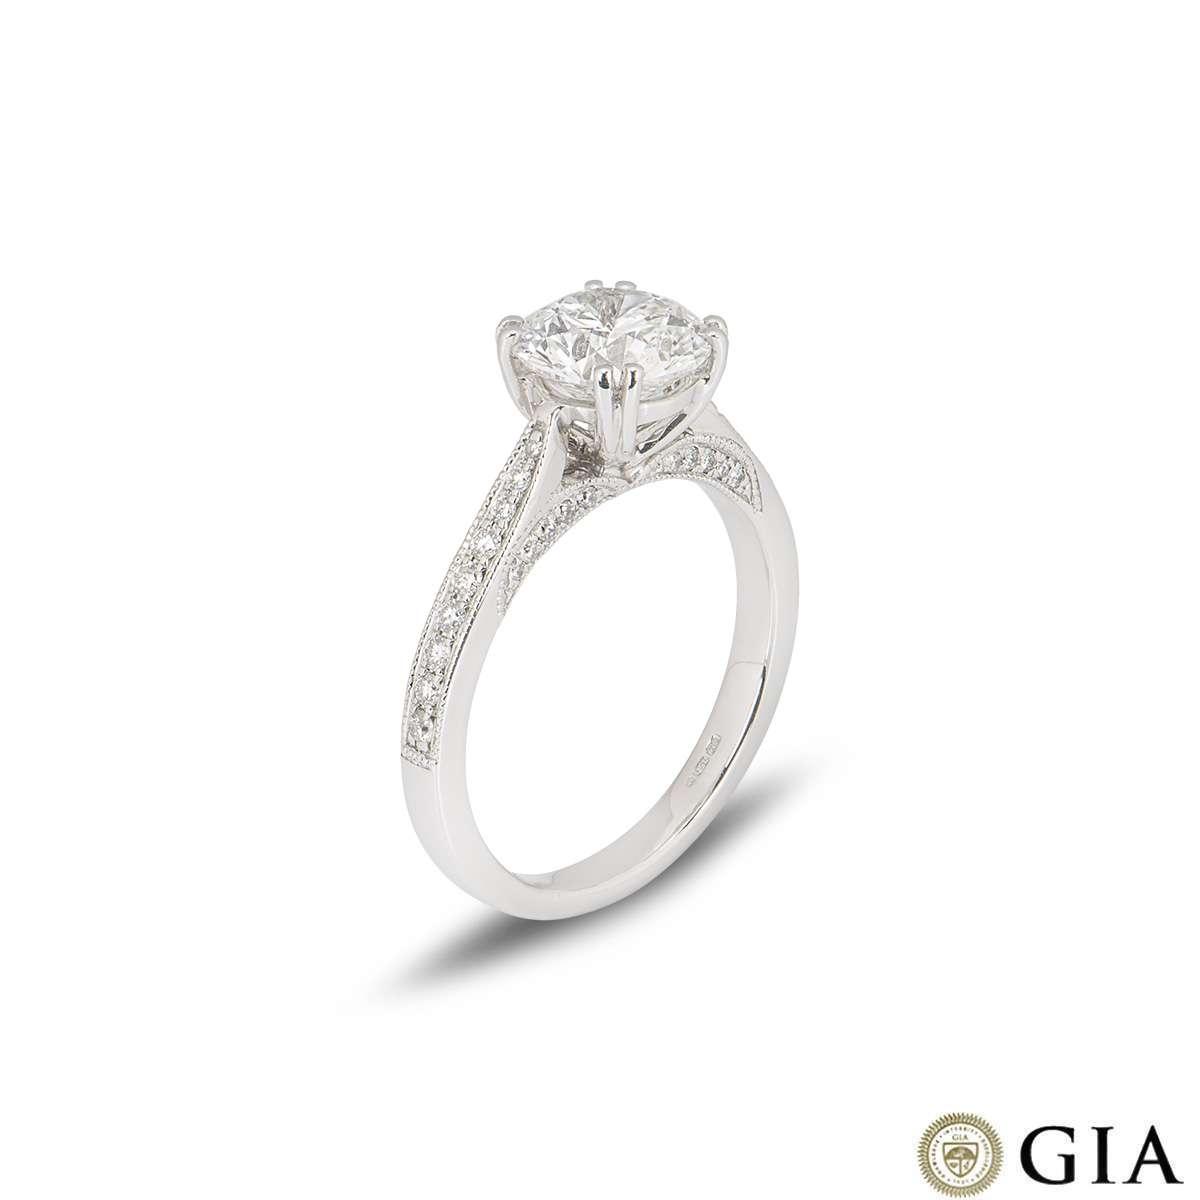 White Gold Round Brilliant Cut Diamond Ring 1.70ct F/VS1